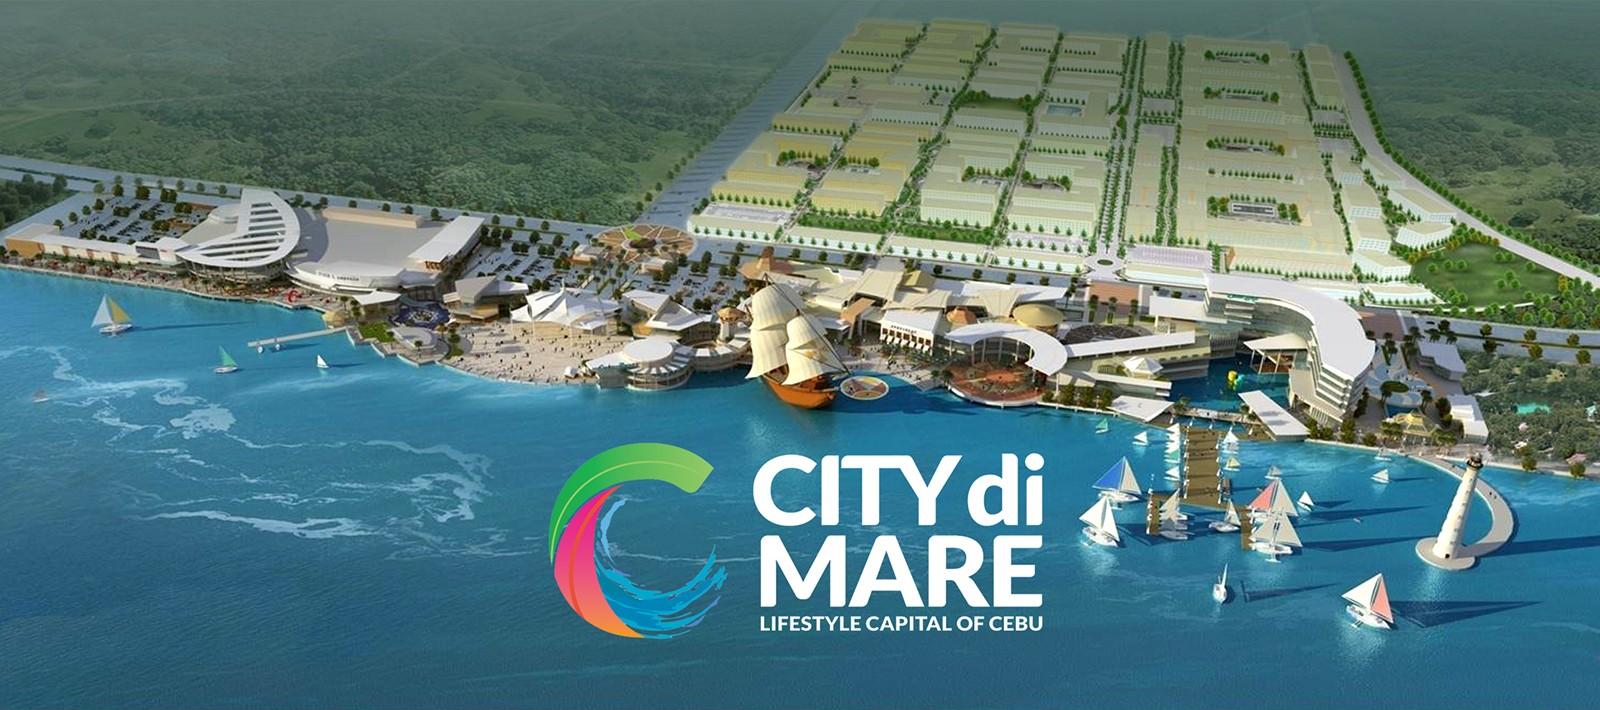 City-di-mare-property-destination-branding